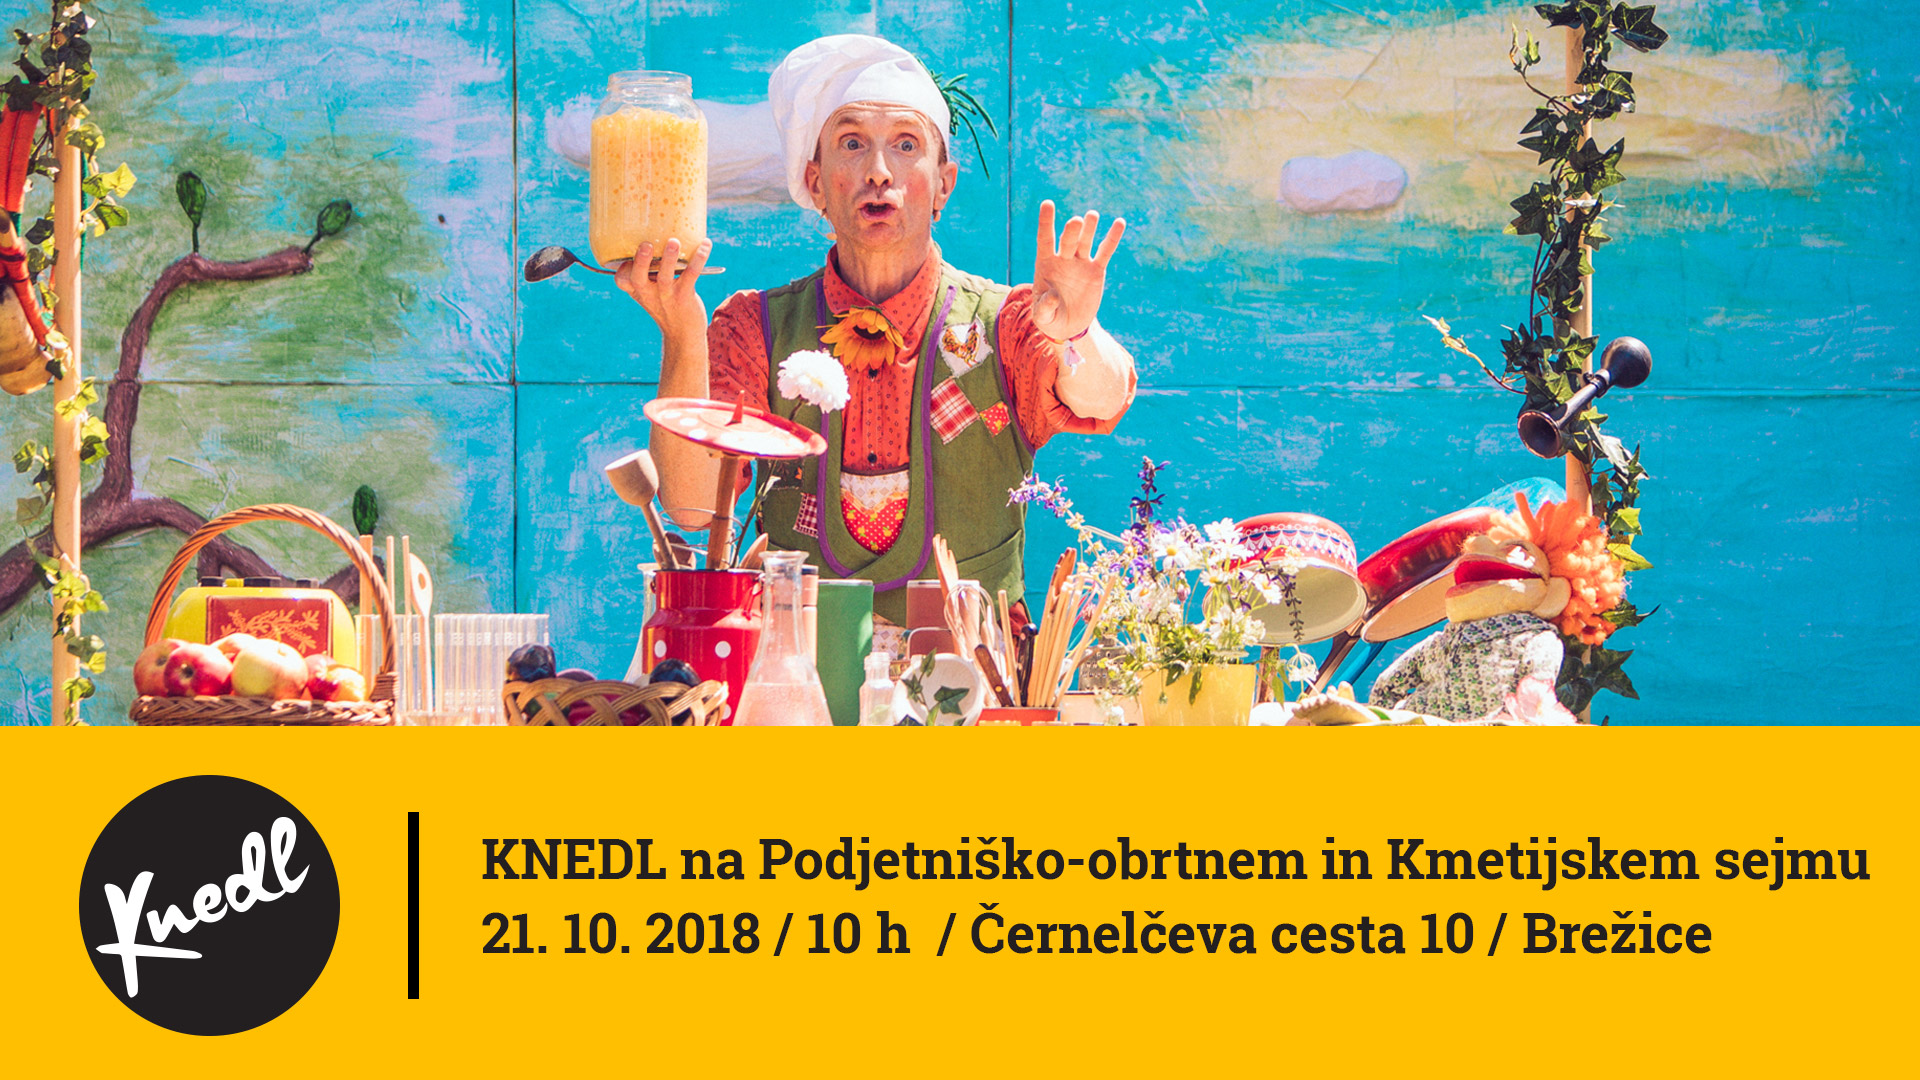 2018_10_21_Knedl_Podjetniško-obrtni_in_Kmetijski_sejem.jpg